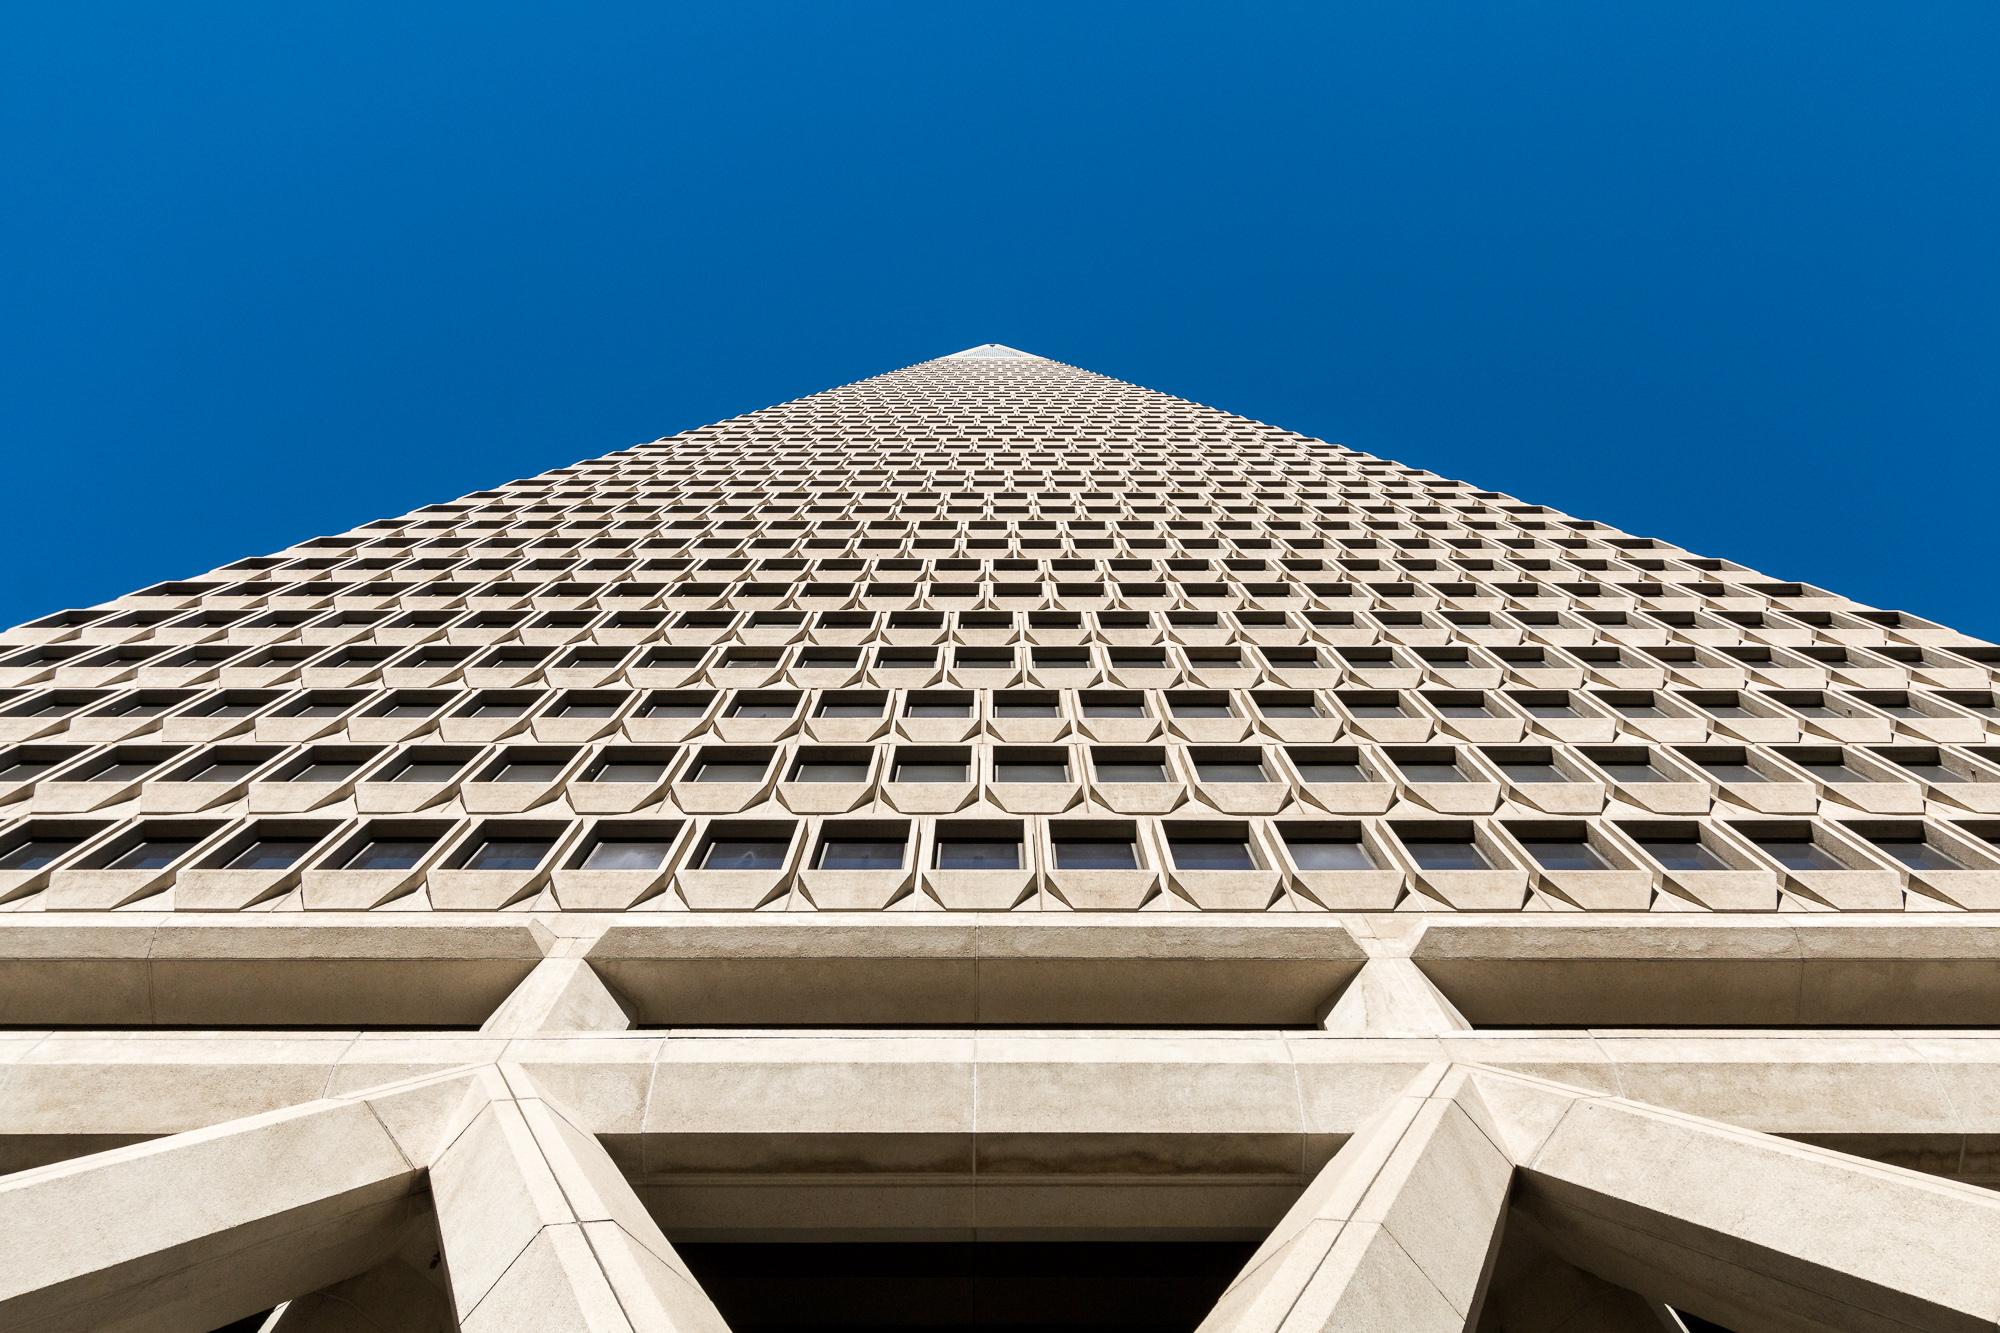 34. pyramid